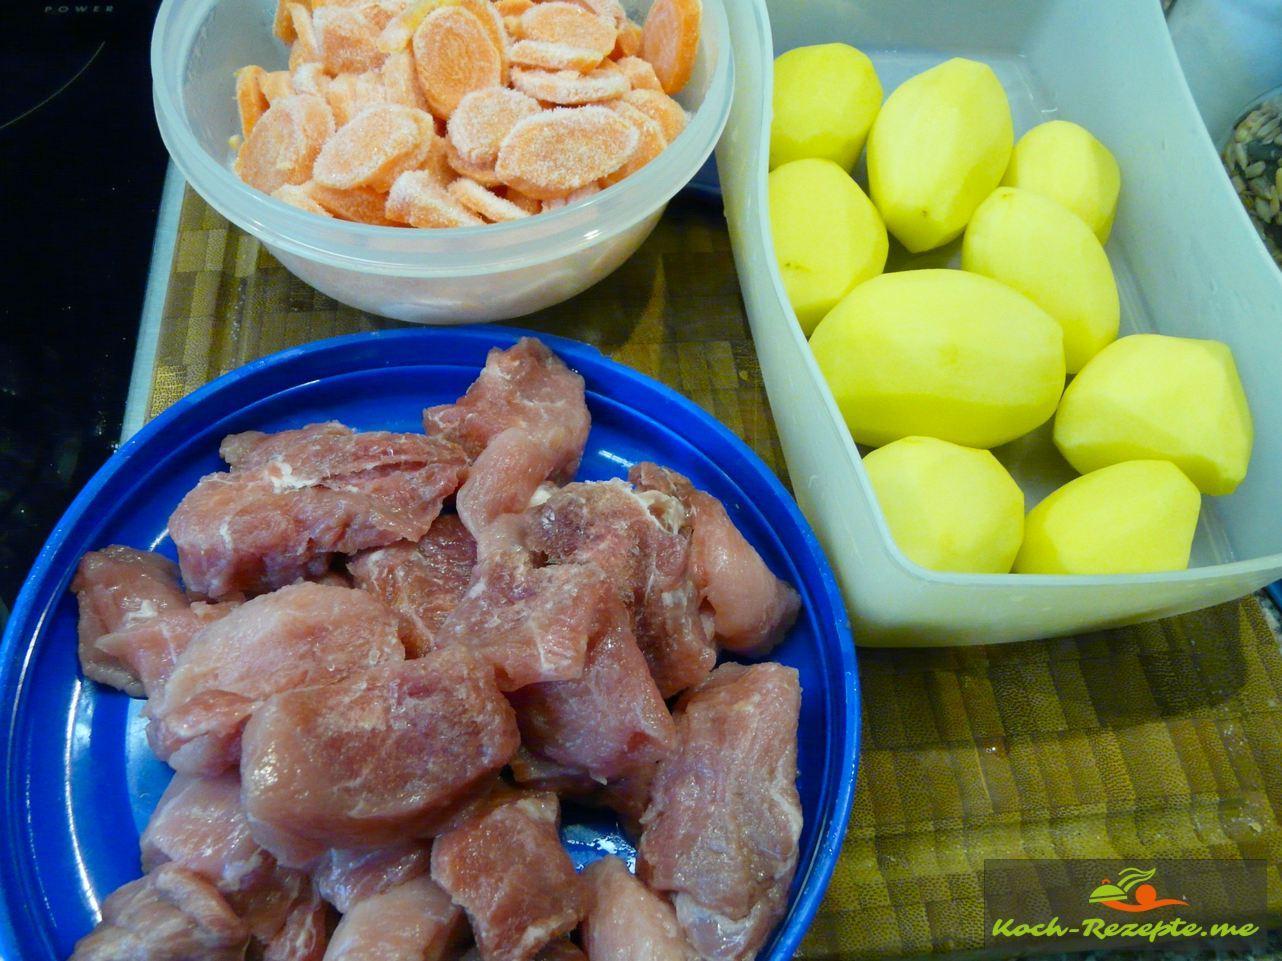 ZutatenMöhren Kartoffeln und Schweinefleisch